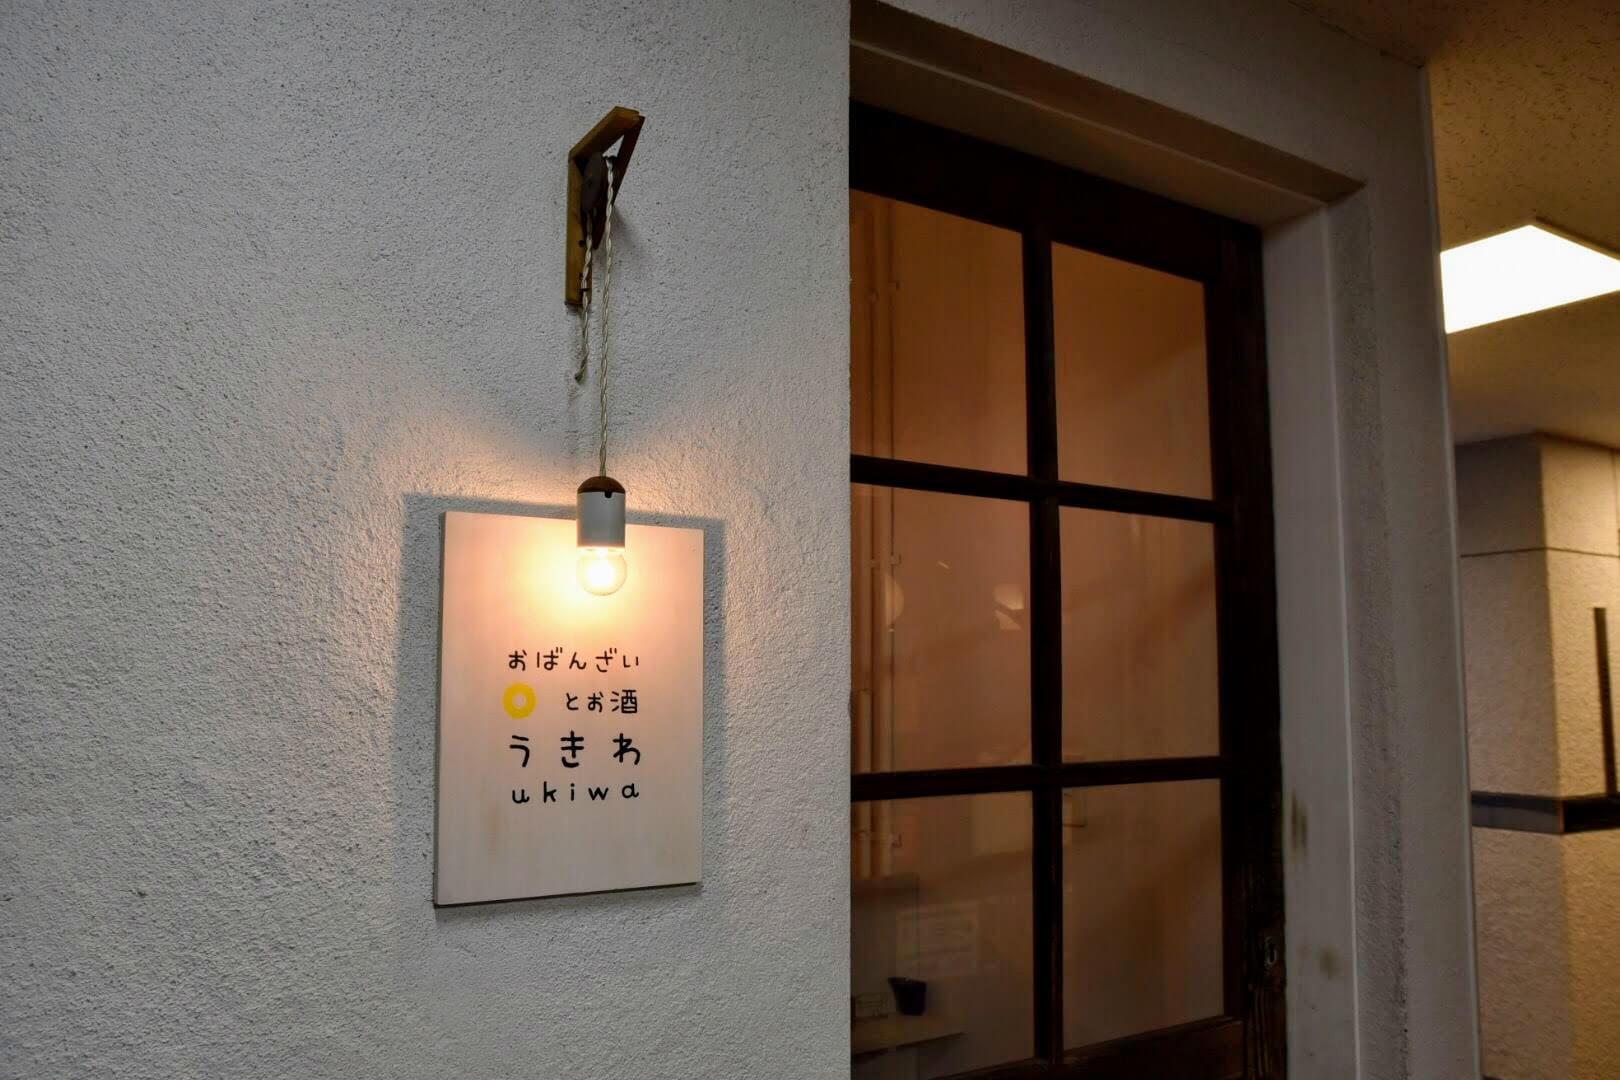 おばんざいとお酒 うきわ(ukiwa)の店前